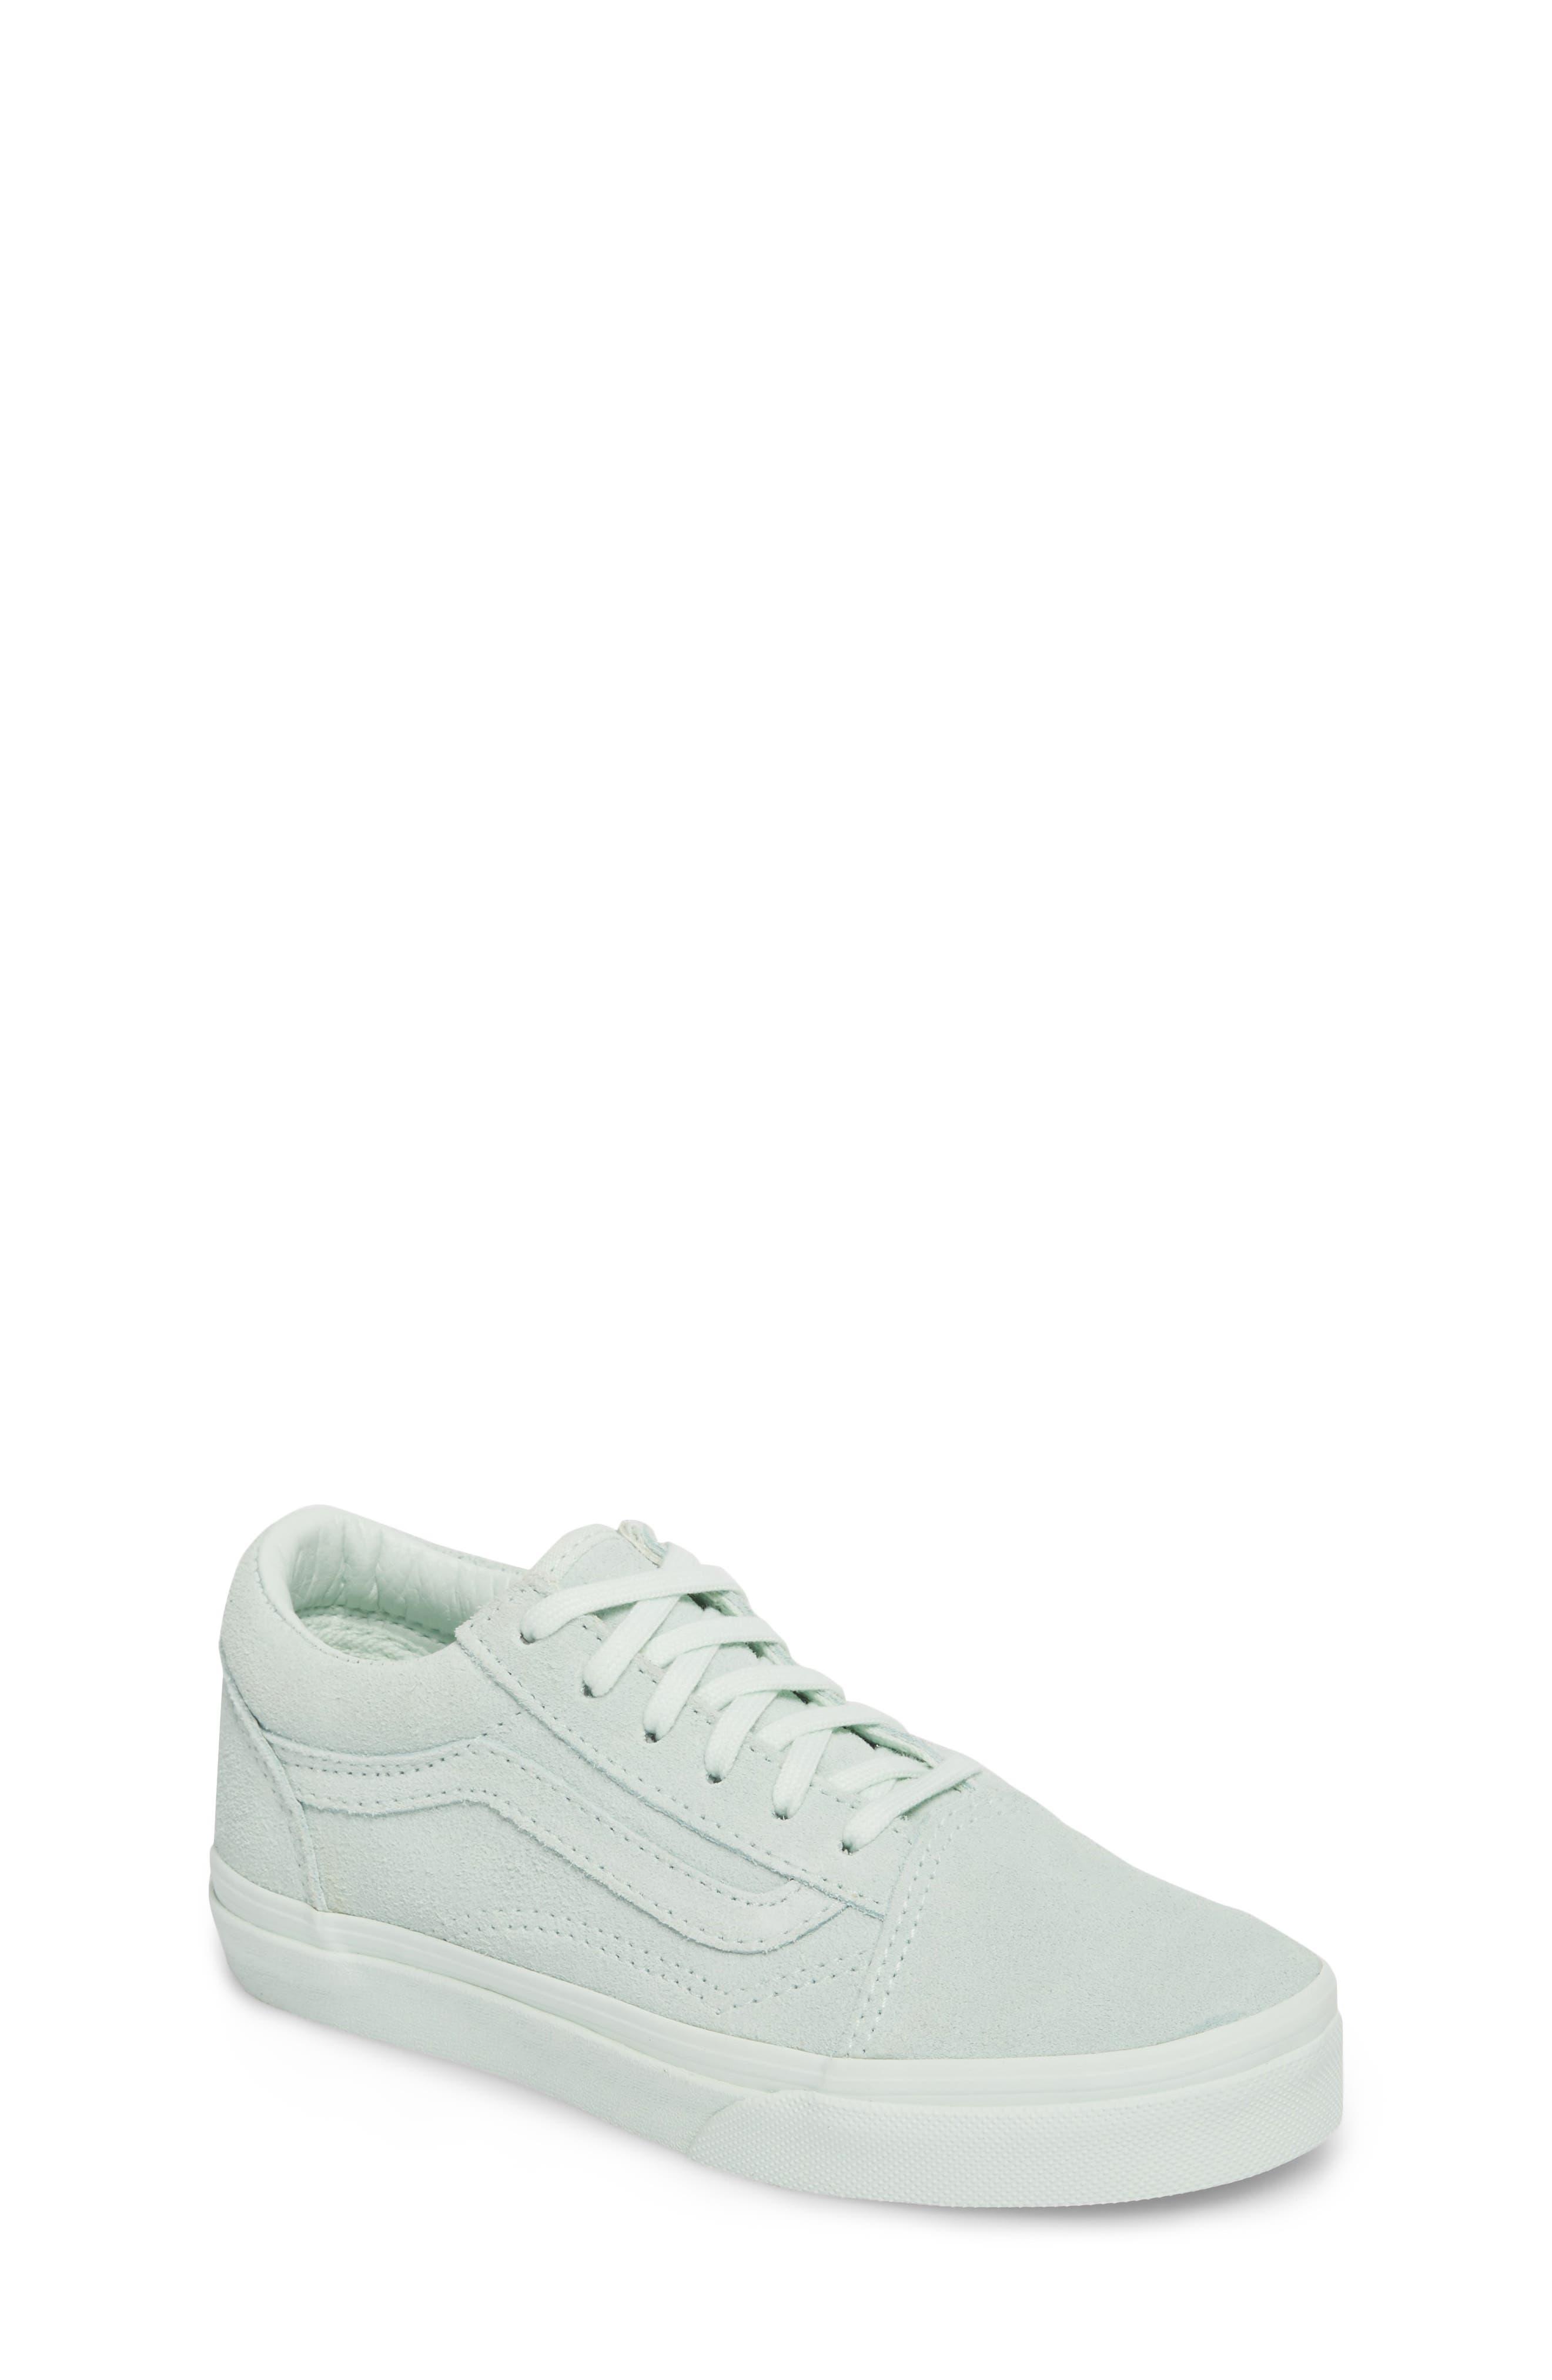 Old Skool Low Top Sneaker,                             Main thumbnail 1, color,                             300